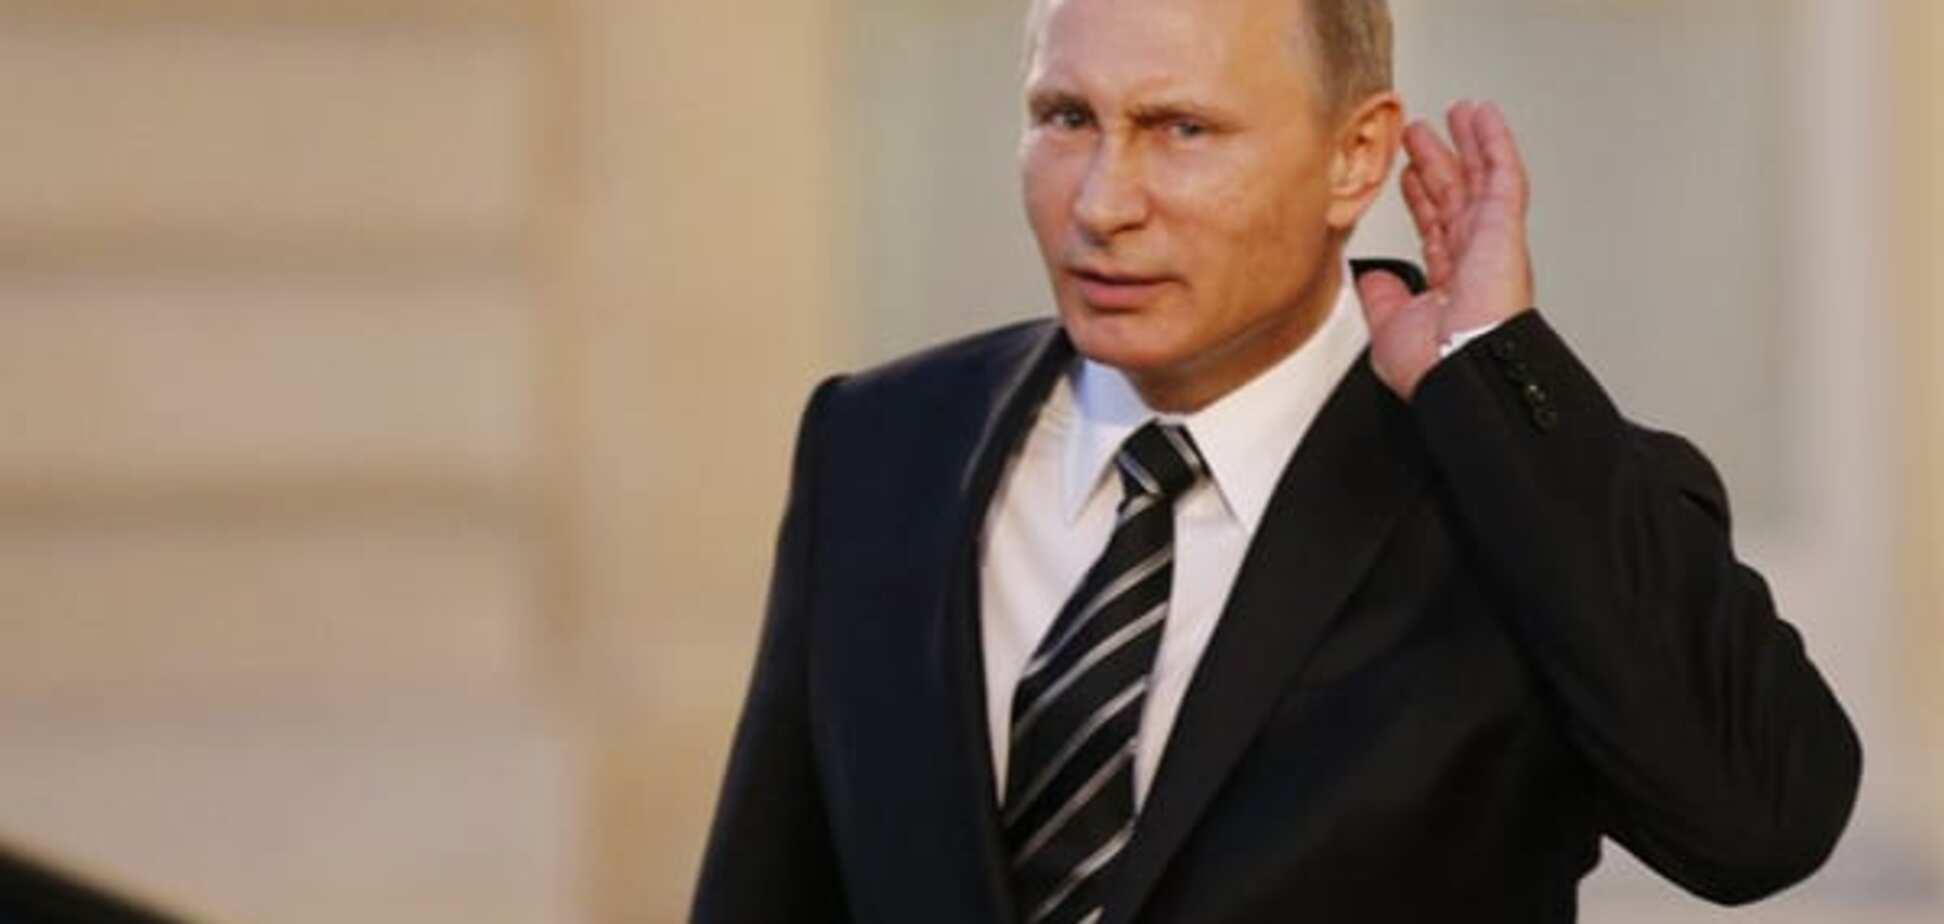 Вова-чума: складено топ-10 пісень, присвячених Путіну